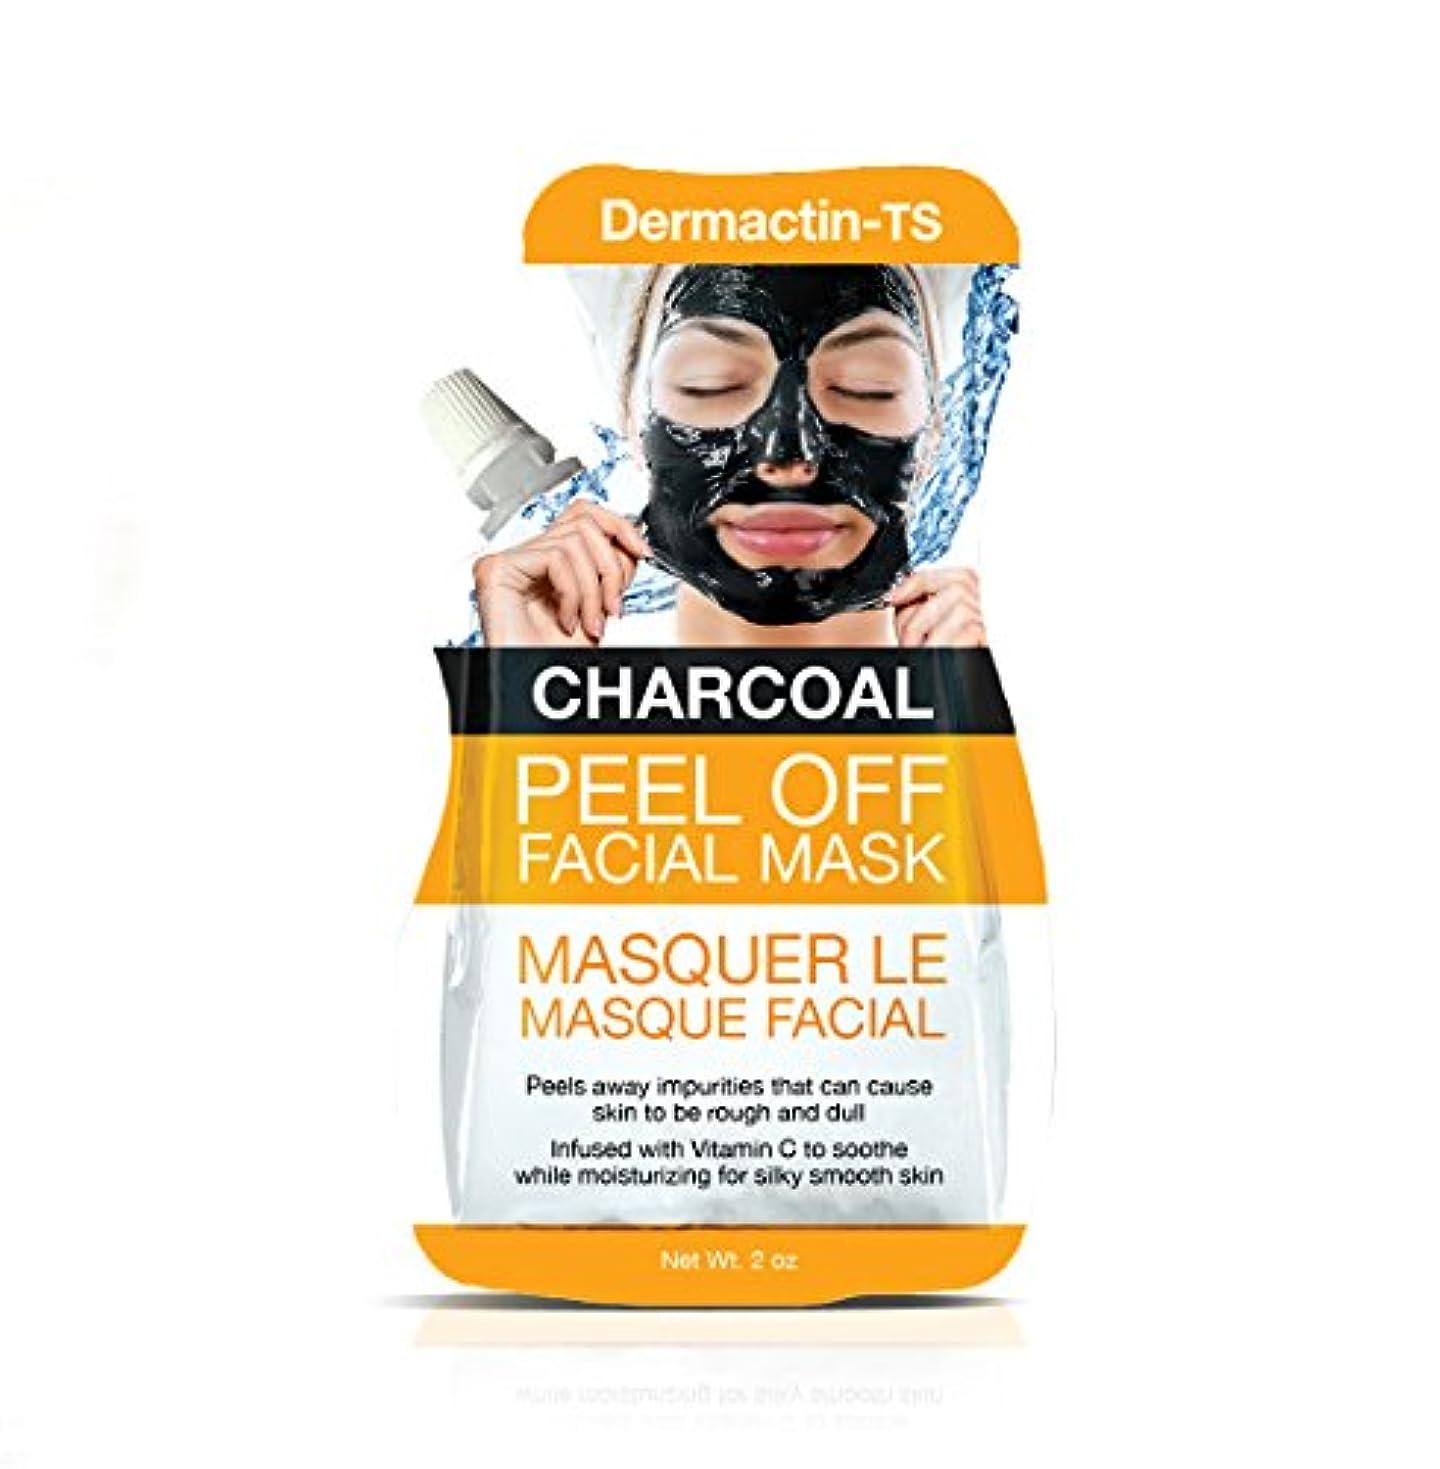 不快なあそこ接地Dermactin-TS フェイシャル?マスク?チャコール50g(パック2個) (並行輸入品)